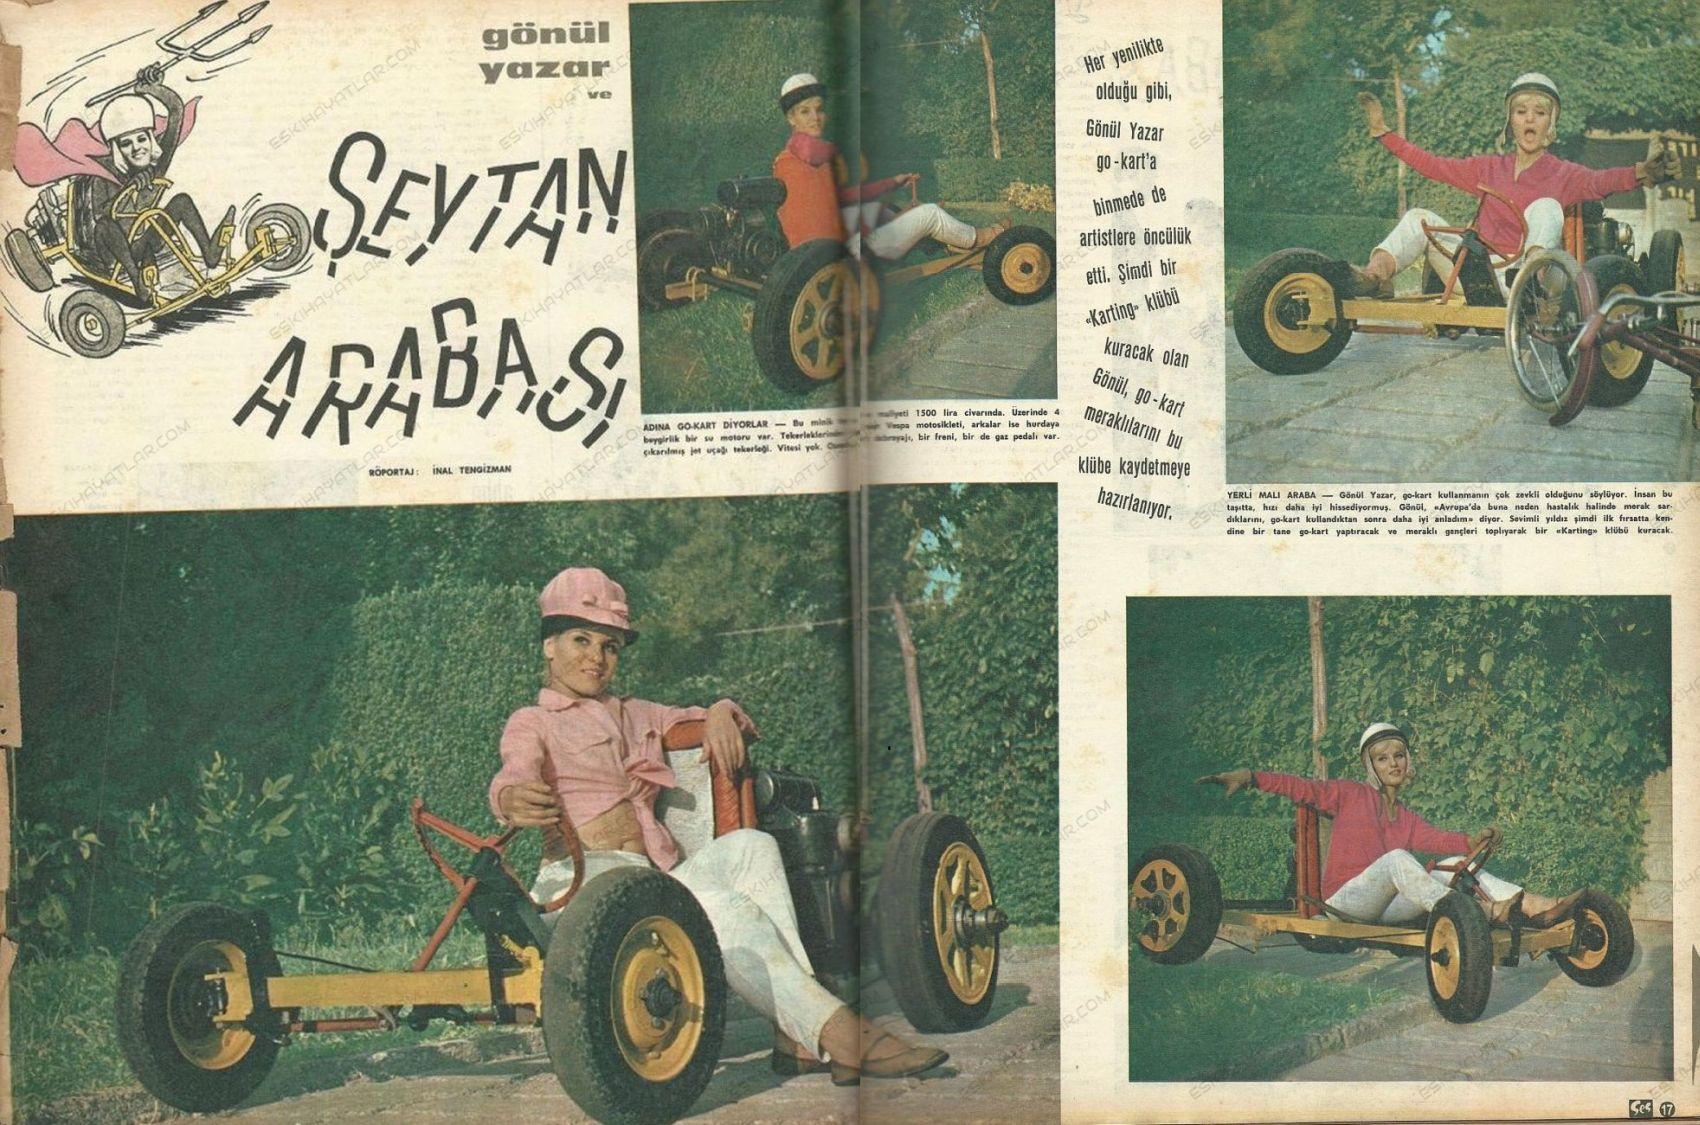 0335-gonul-yazar-ve-seytan-arabasi-1964-ses-dergisi (3)